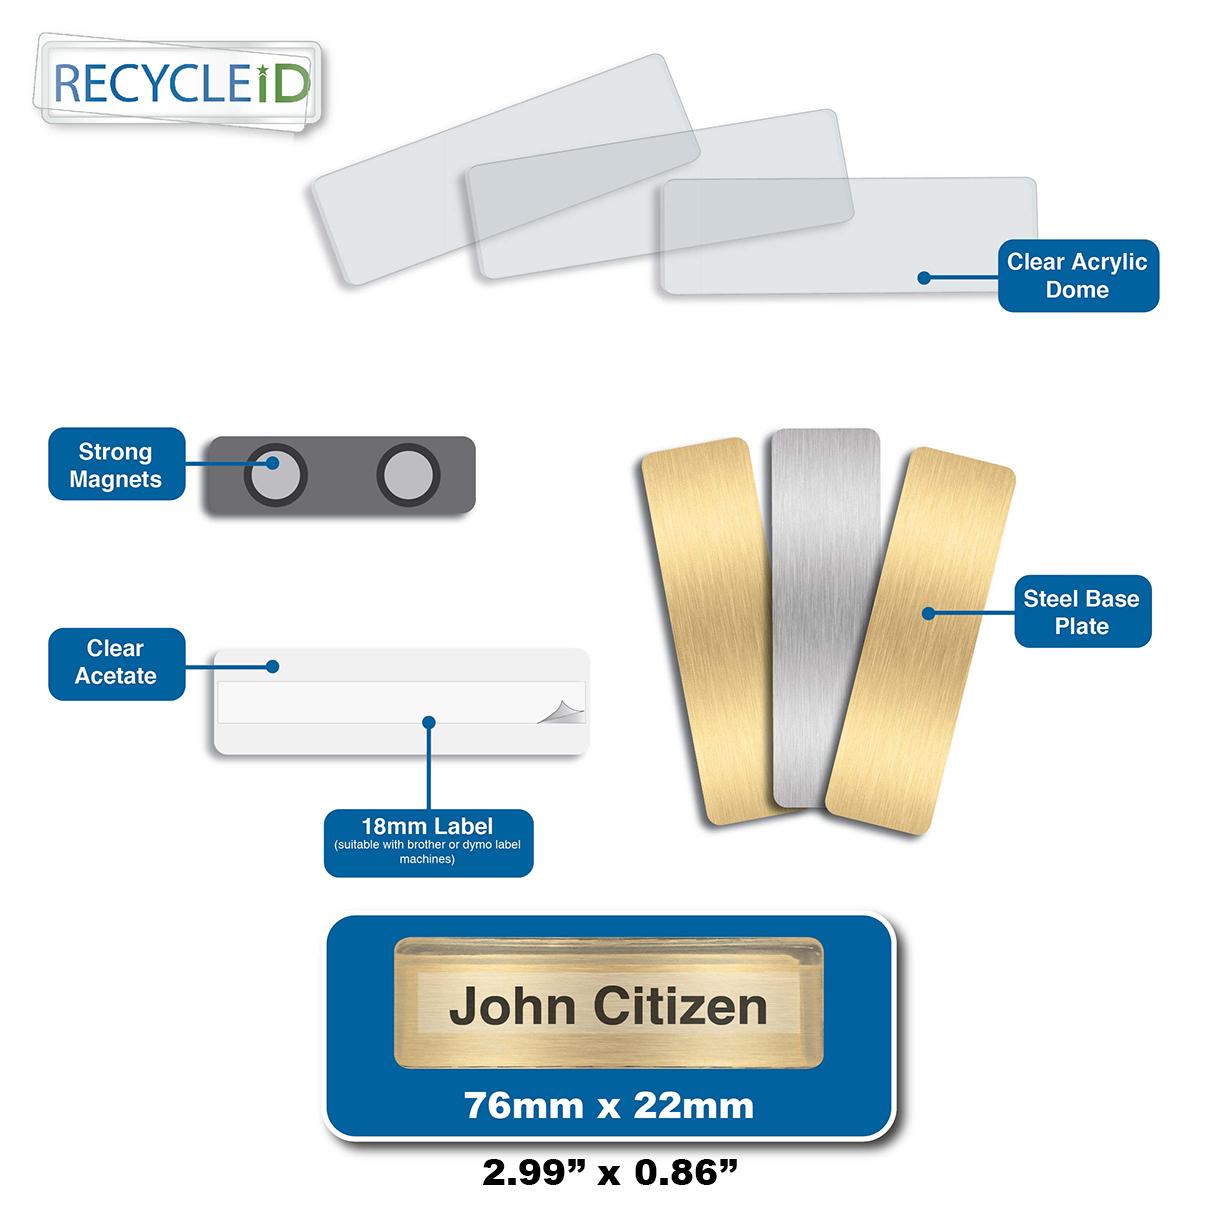 RecycleID